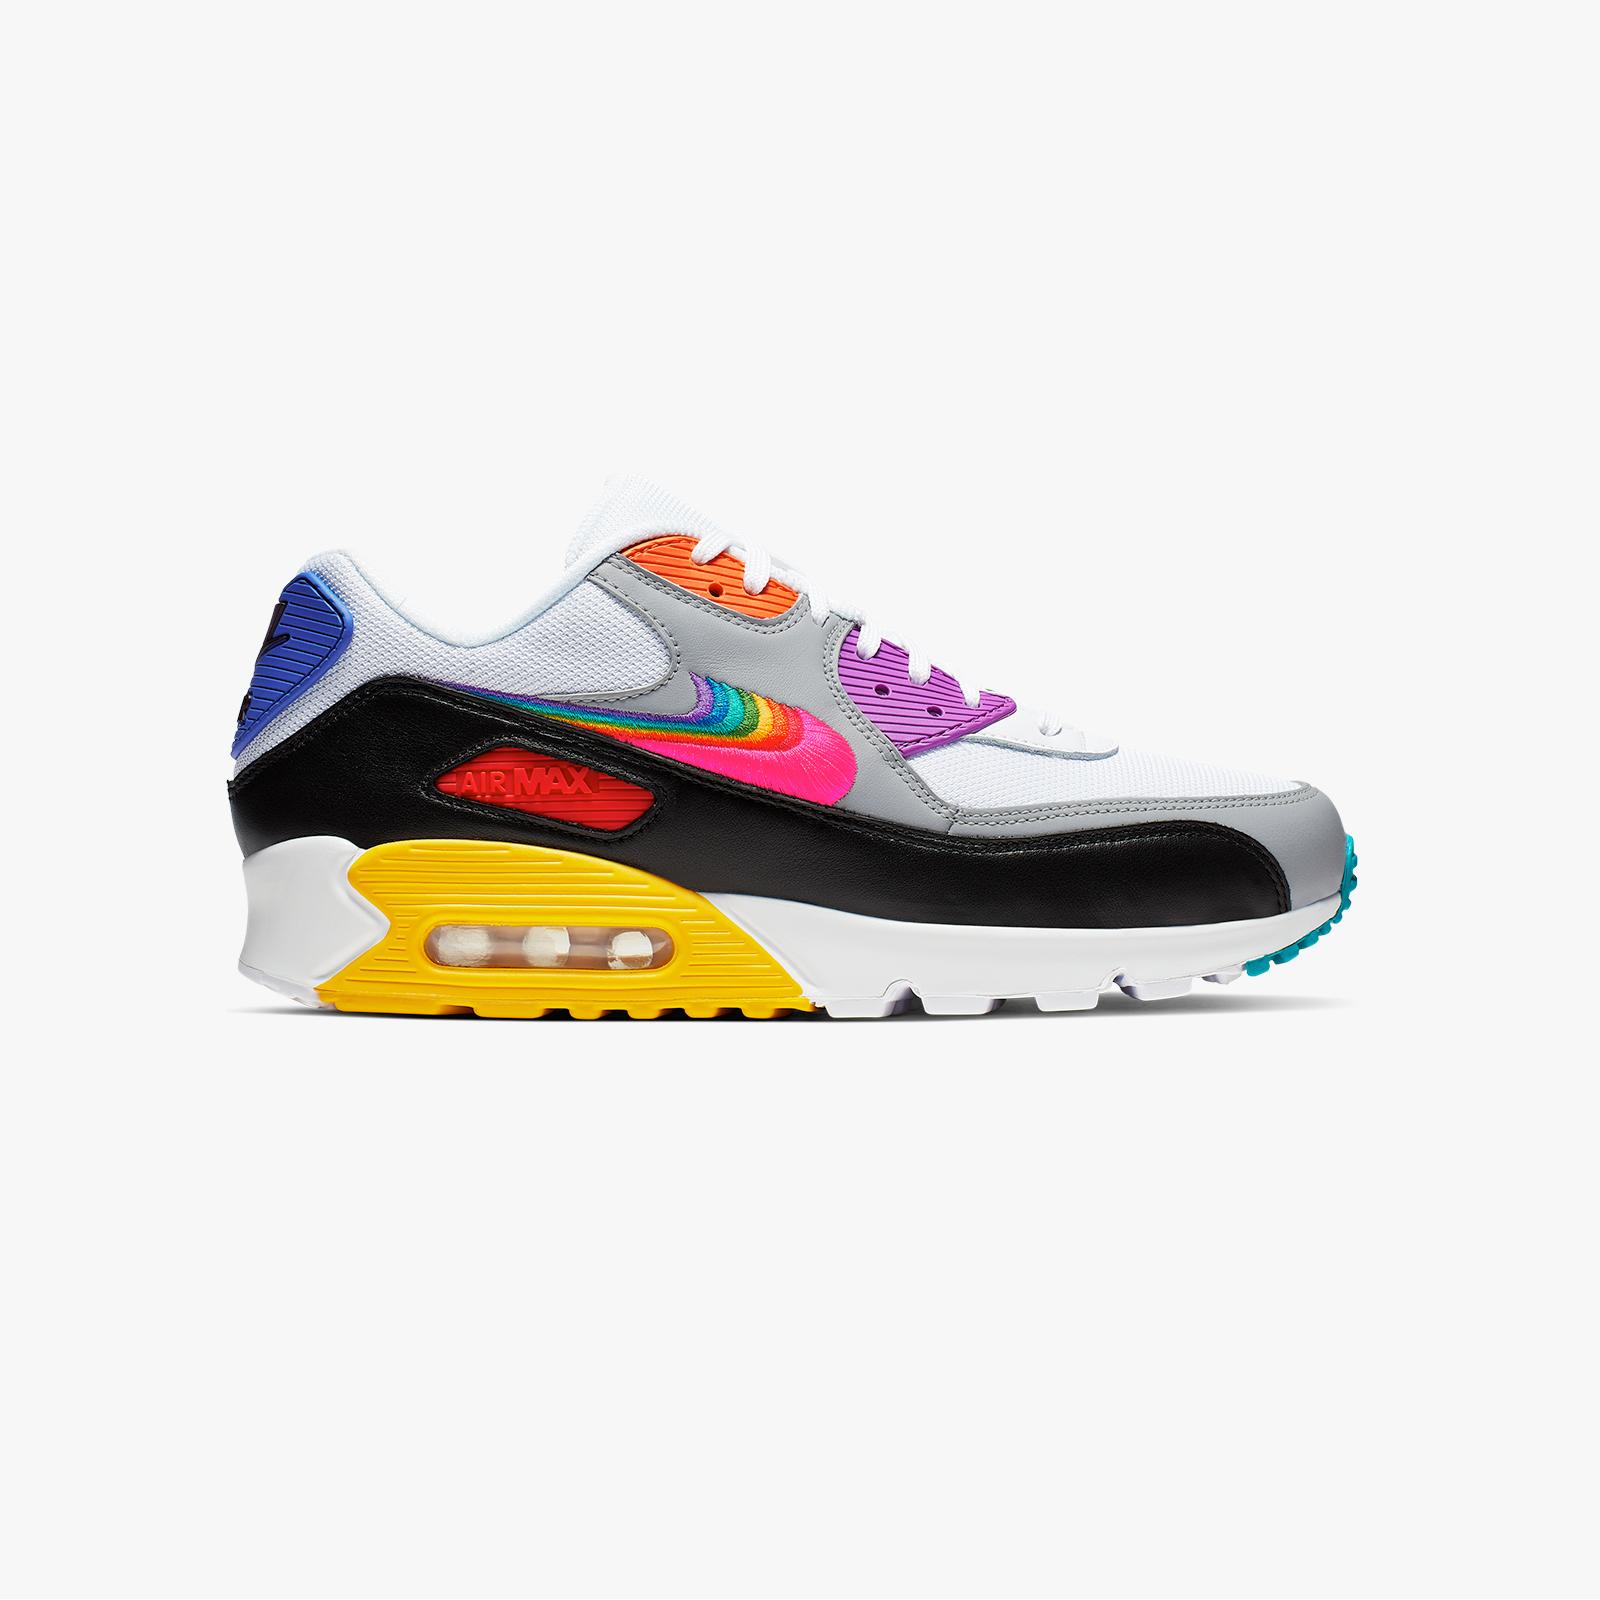 Nike Air Max 90 Betrue Cj5482 100 Sneakersnstuff I